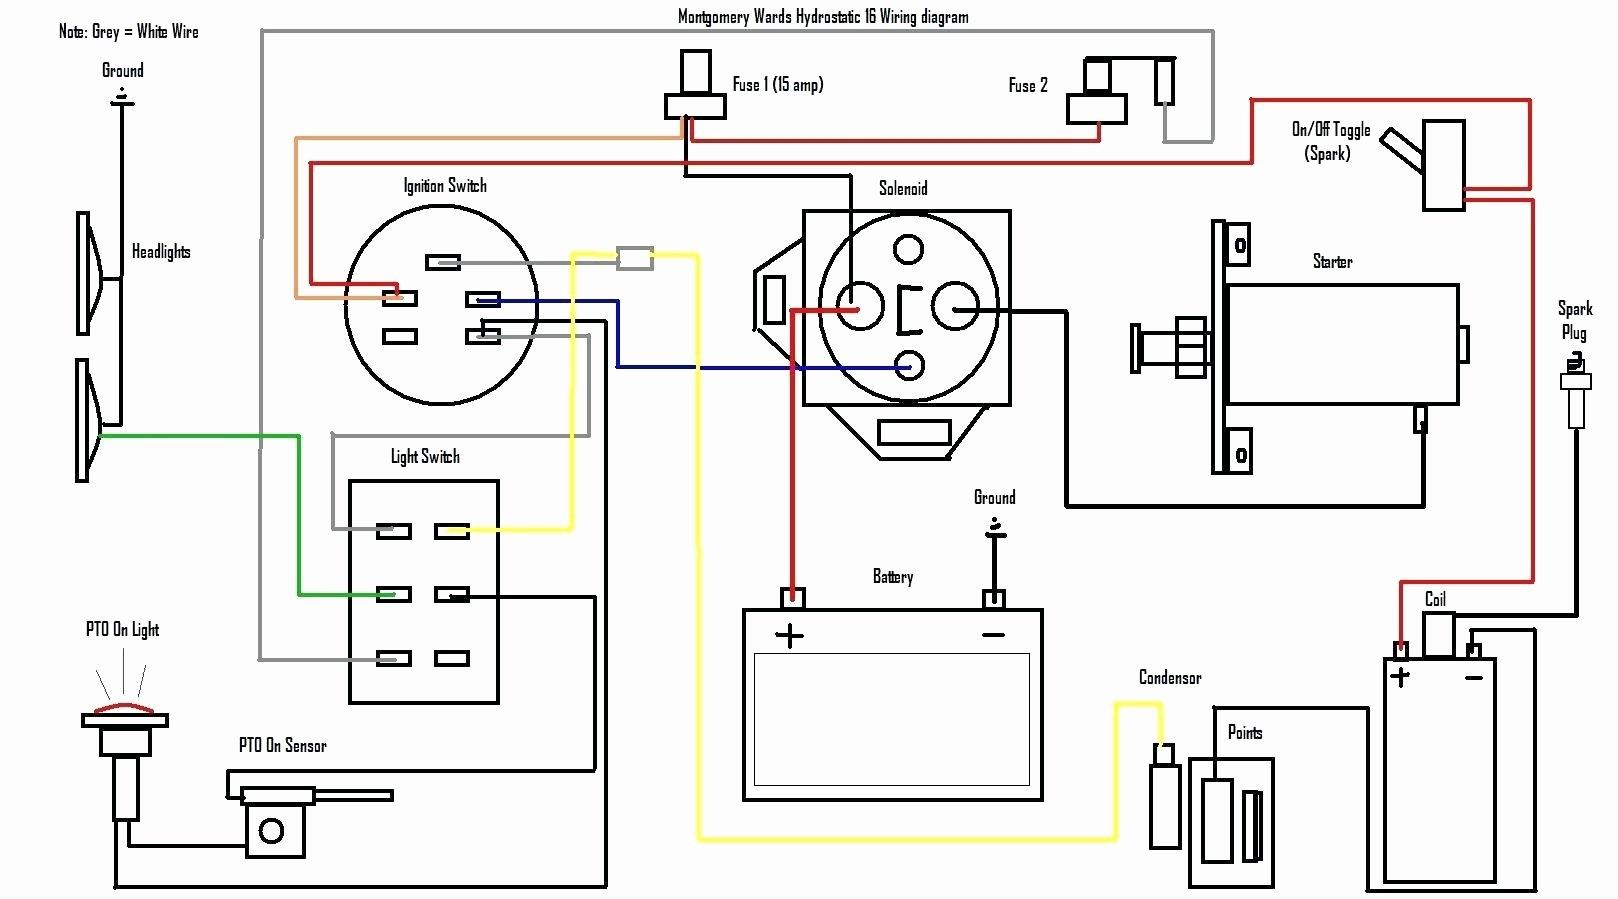 Briggs Amp Stratton Starter Wiring Diagram - wiring diagrams schematicswiring diagrams schematics